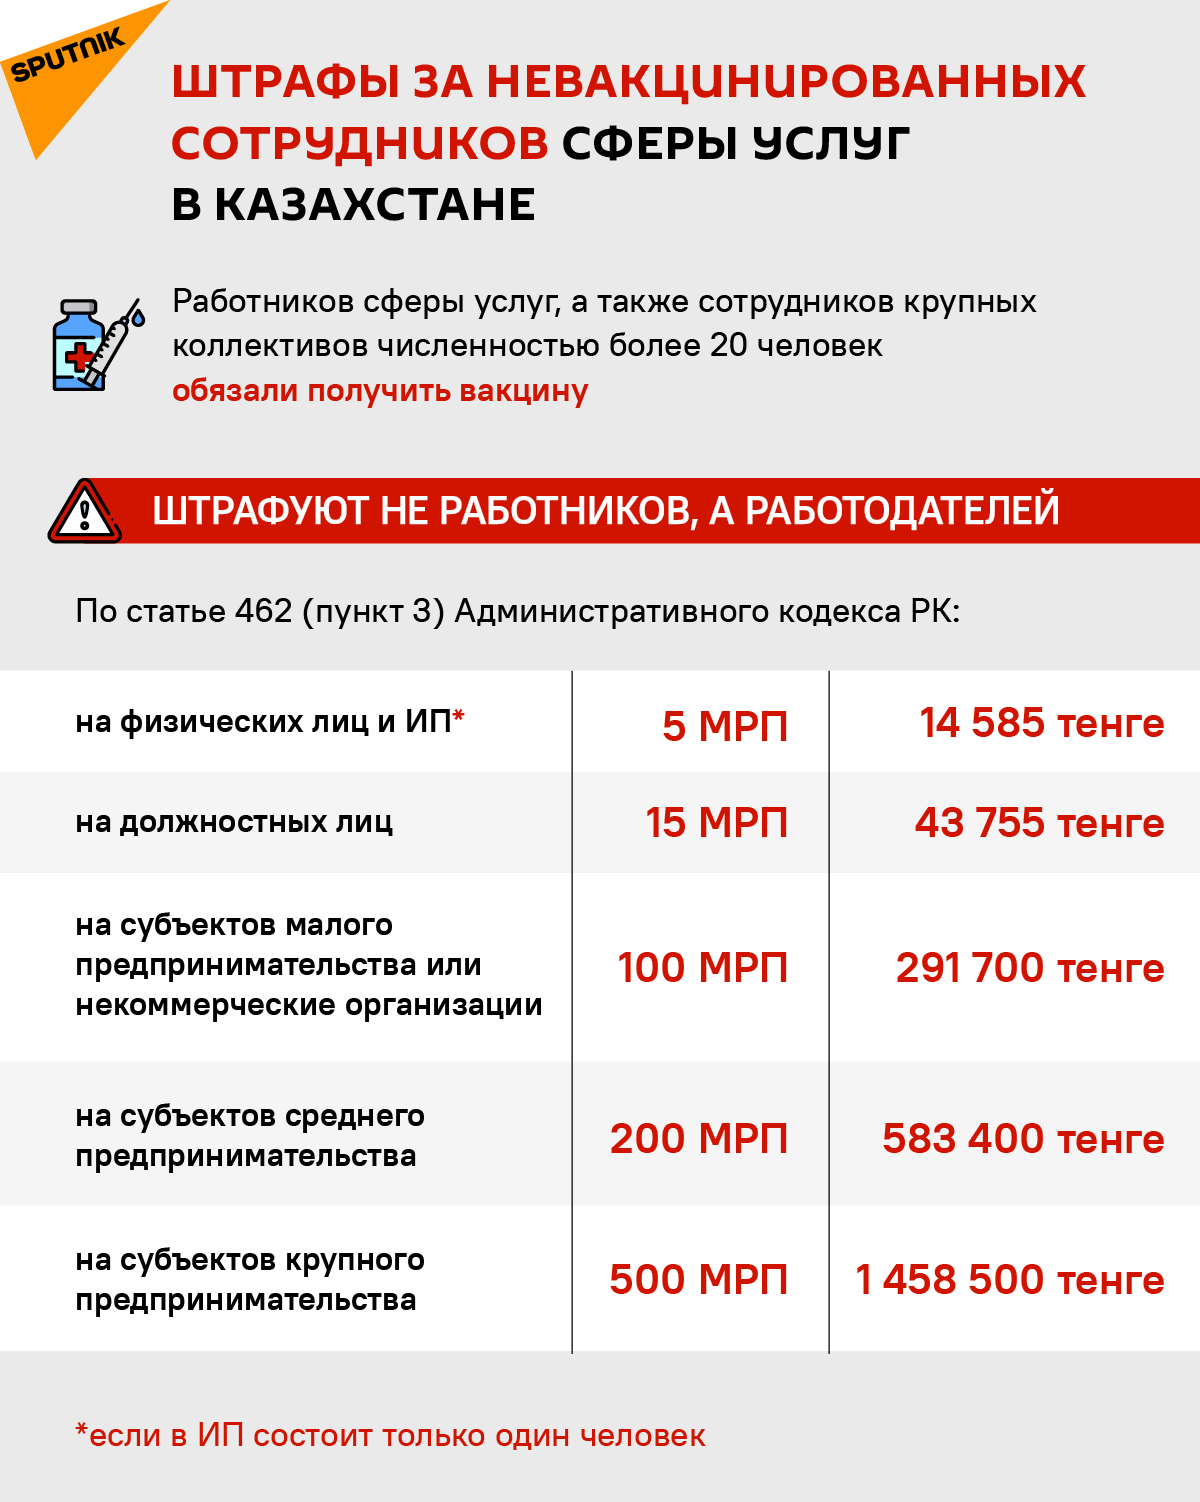 Штрафы за вакцинацию - инфографика